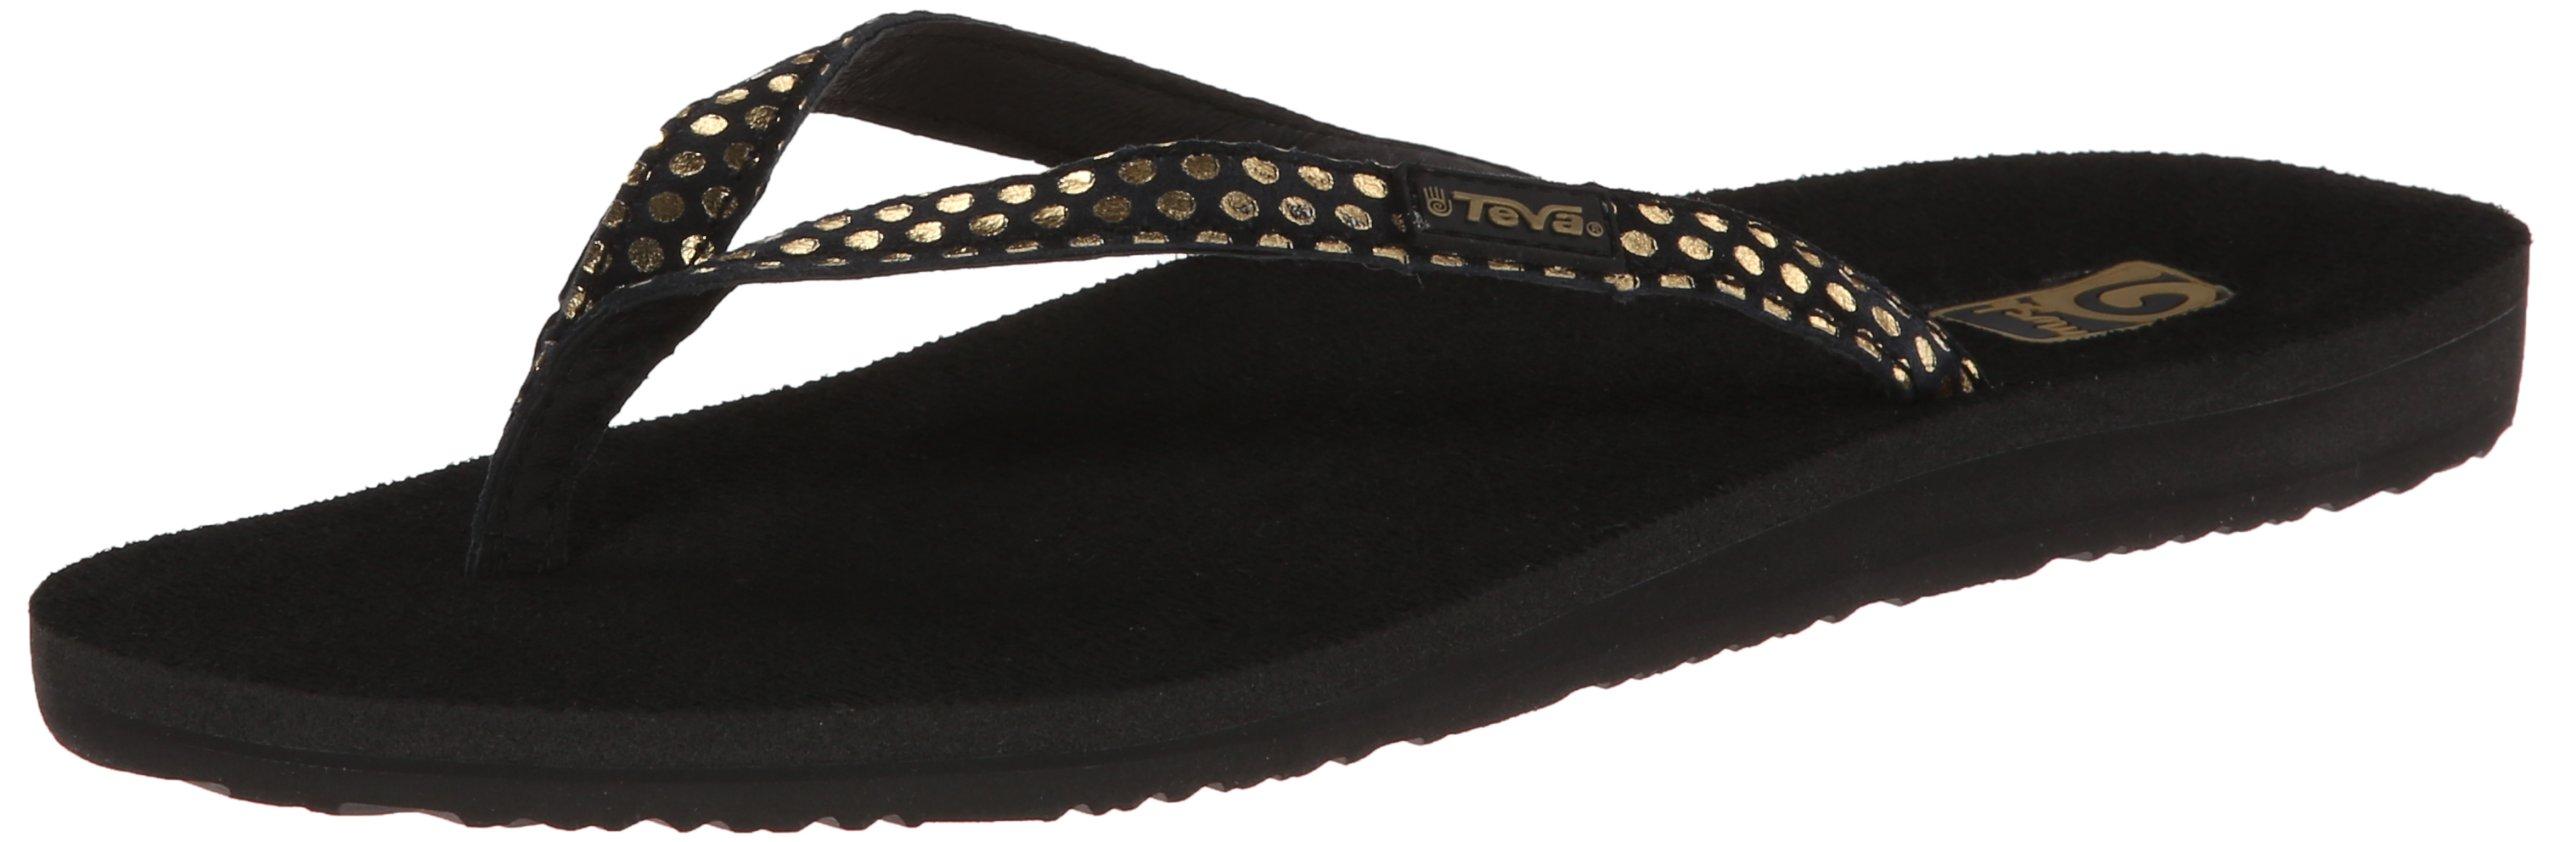 Teva Women's Ribbon Flip-Flop